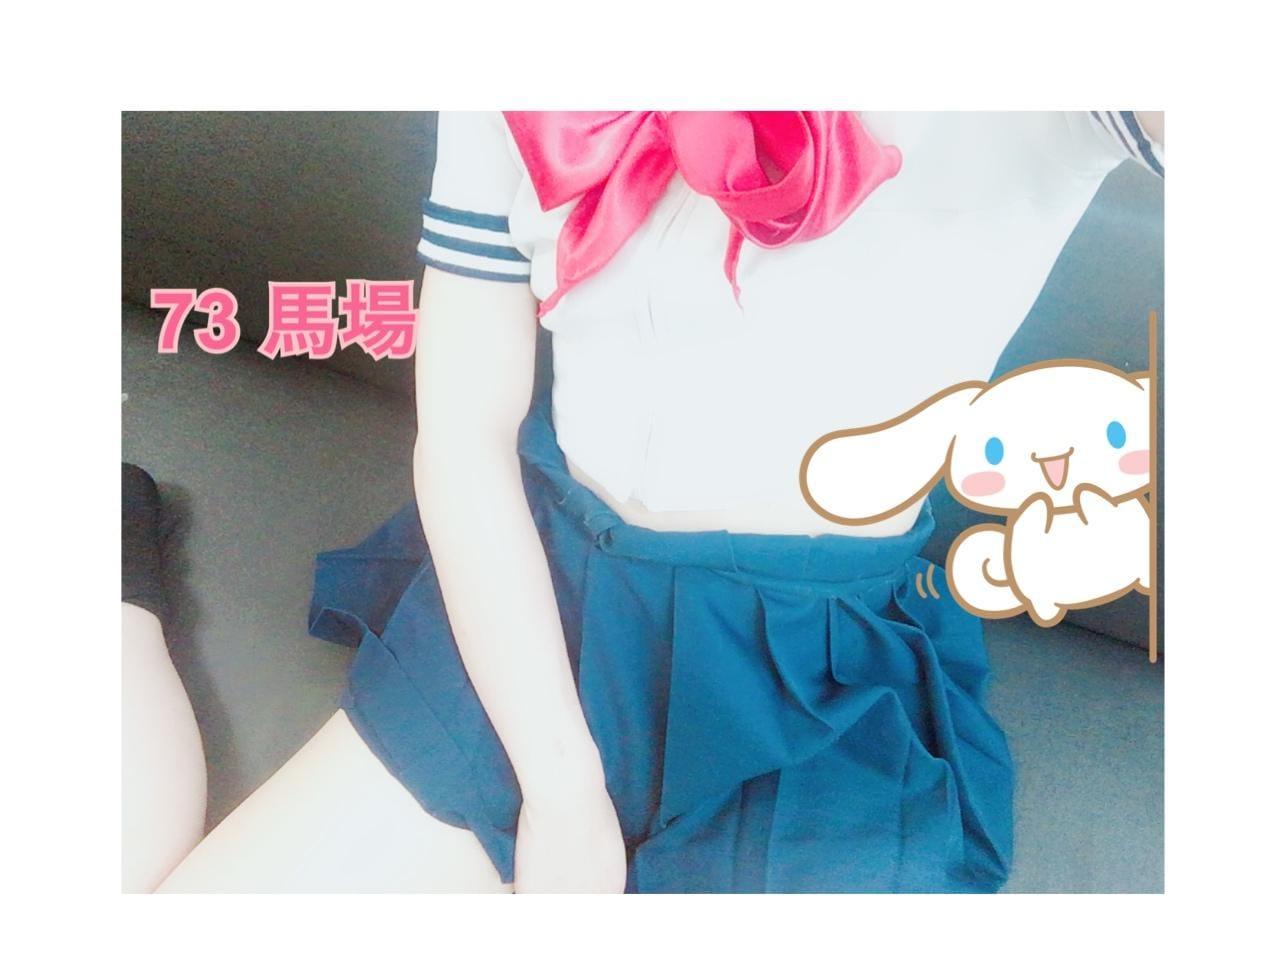 「待機中なり」06/22日(金) 19:25   No.73 馬場の写メ・風俗動画